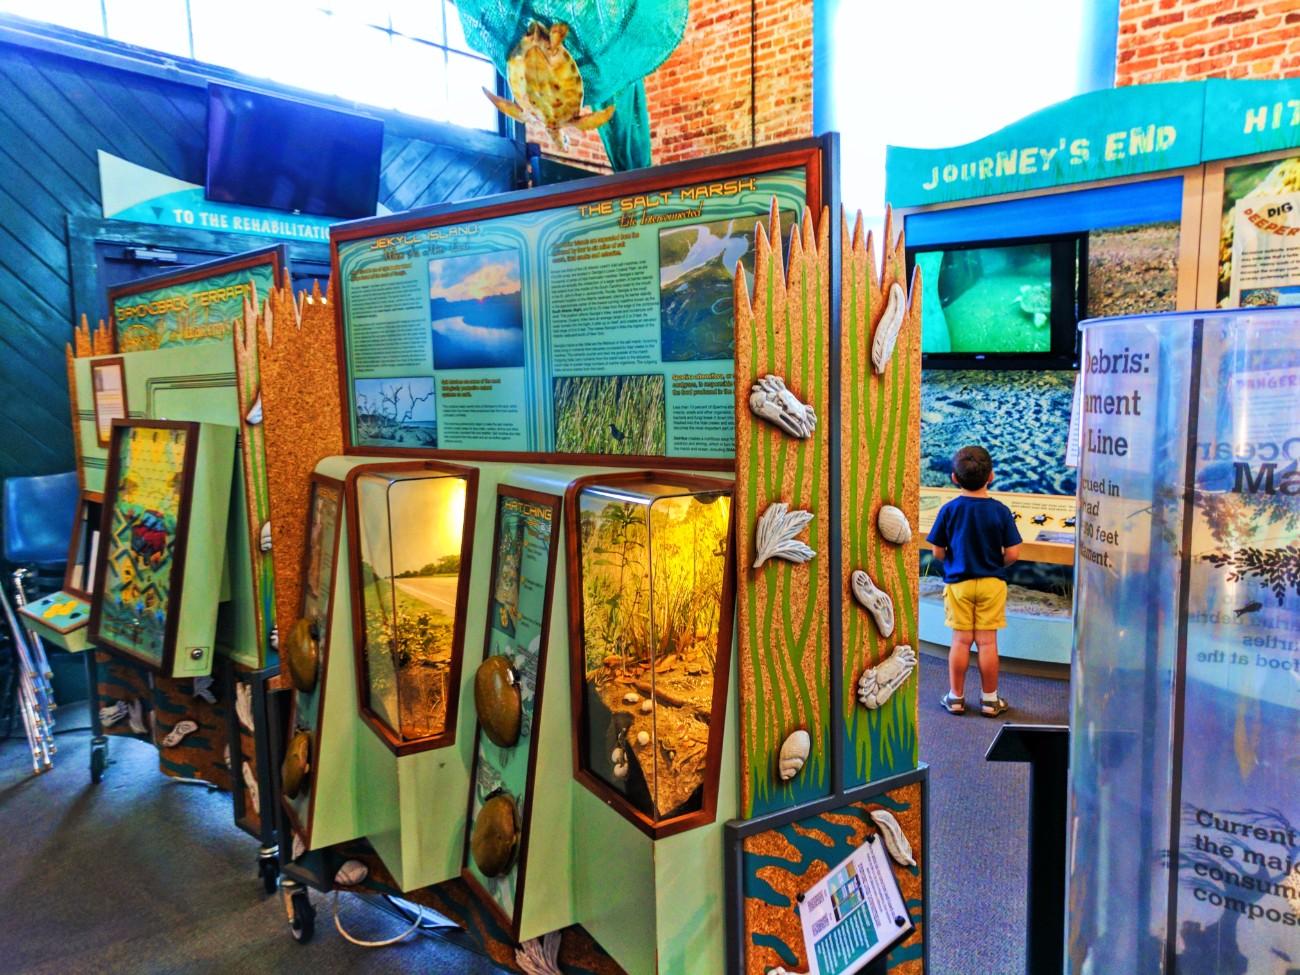 Lifecycle exhibit at Georgia Sea Turtle Center Jekyll Island Golden Isles Georgia 1